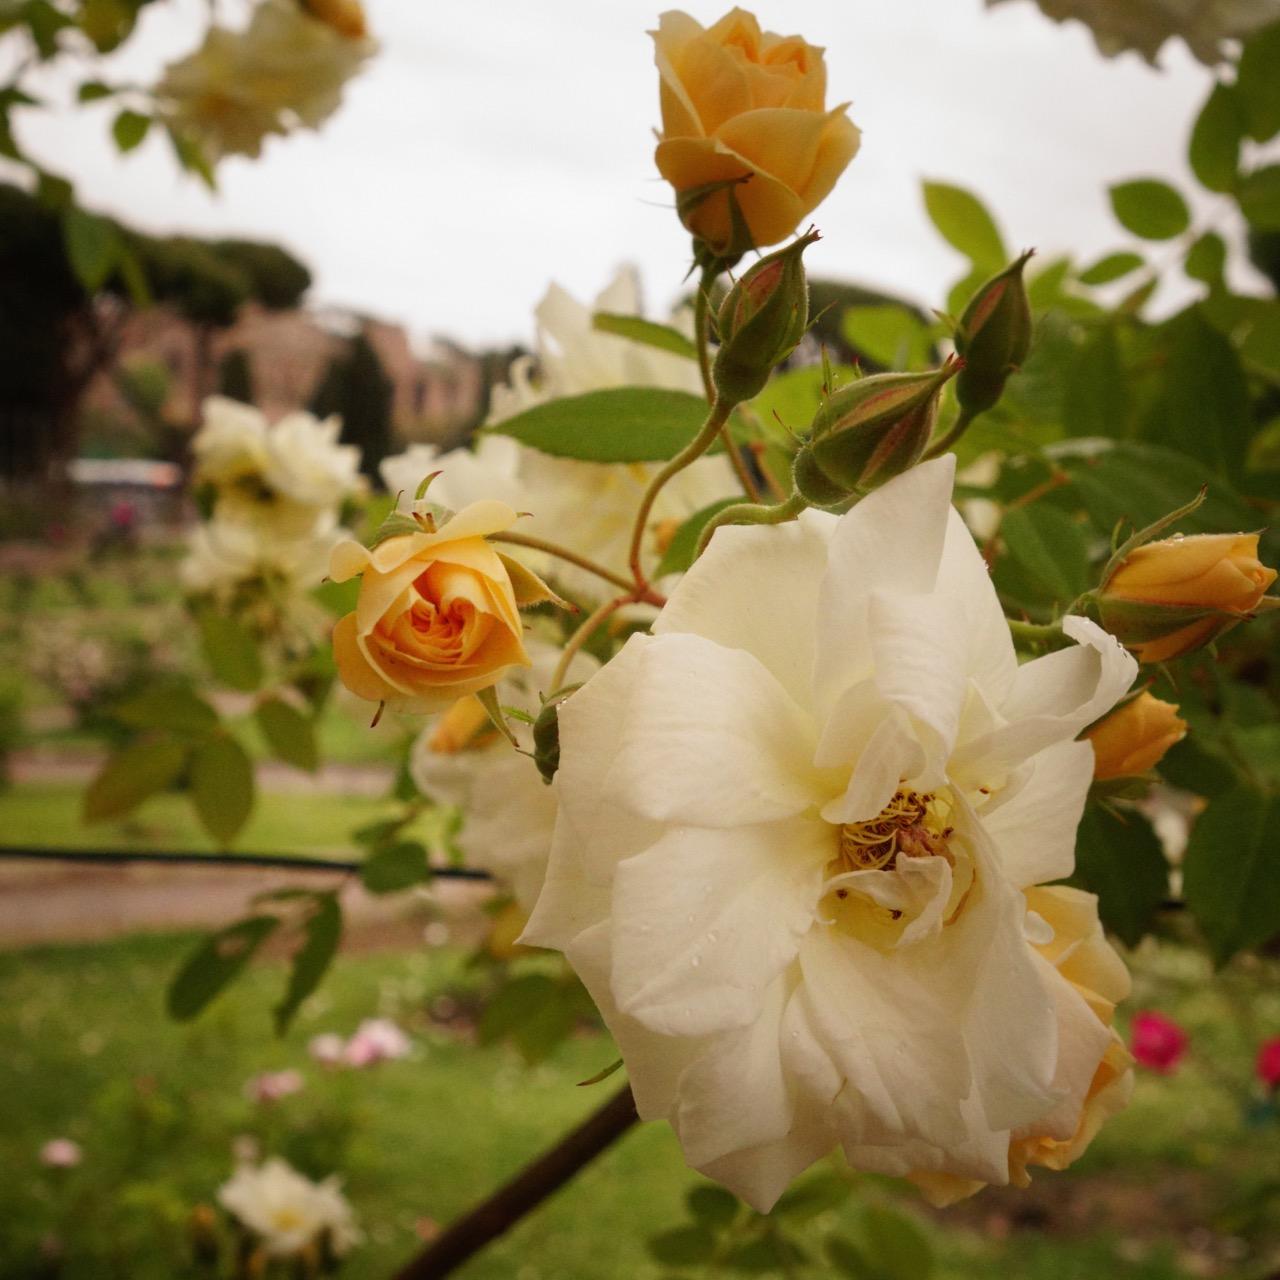 rome's roseto rose garden